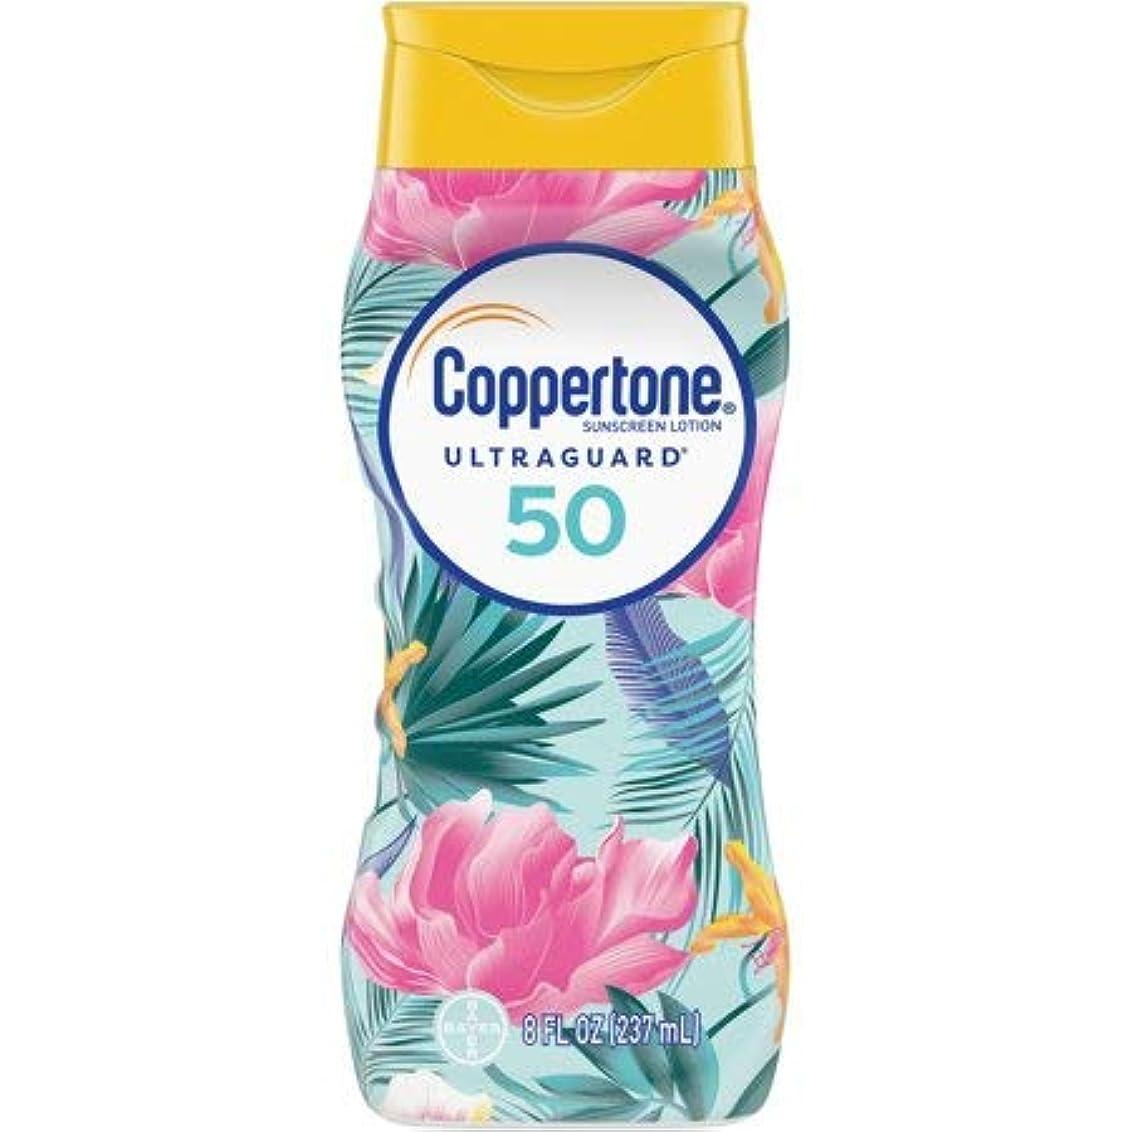 落ち着いたリビジョン貸し手Coppertone Ultraguard日焼け止めローションSPF 50から8オンス、5パック